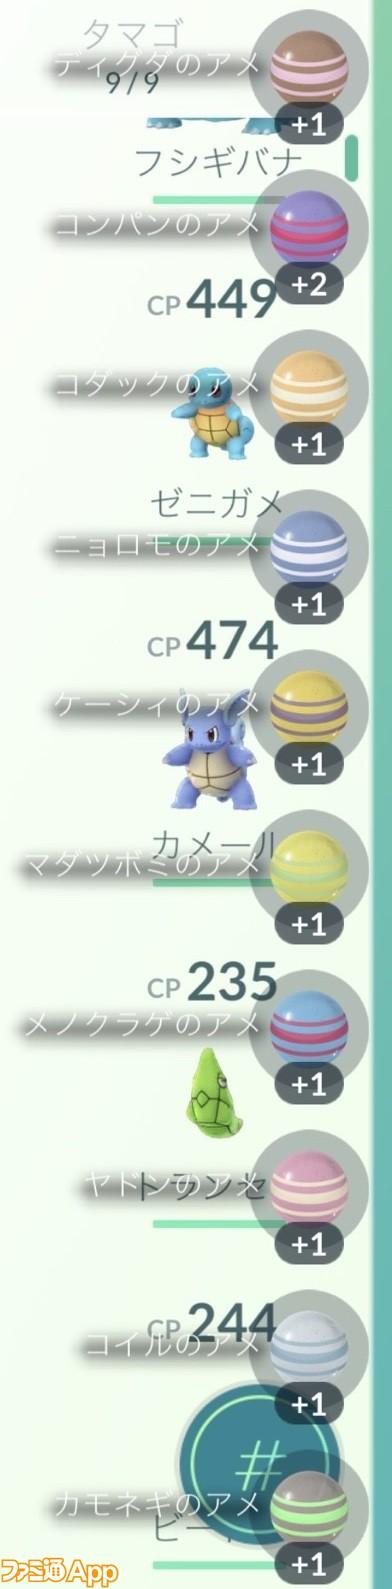 ポケモンGO_9659